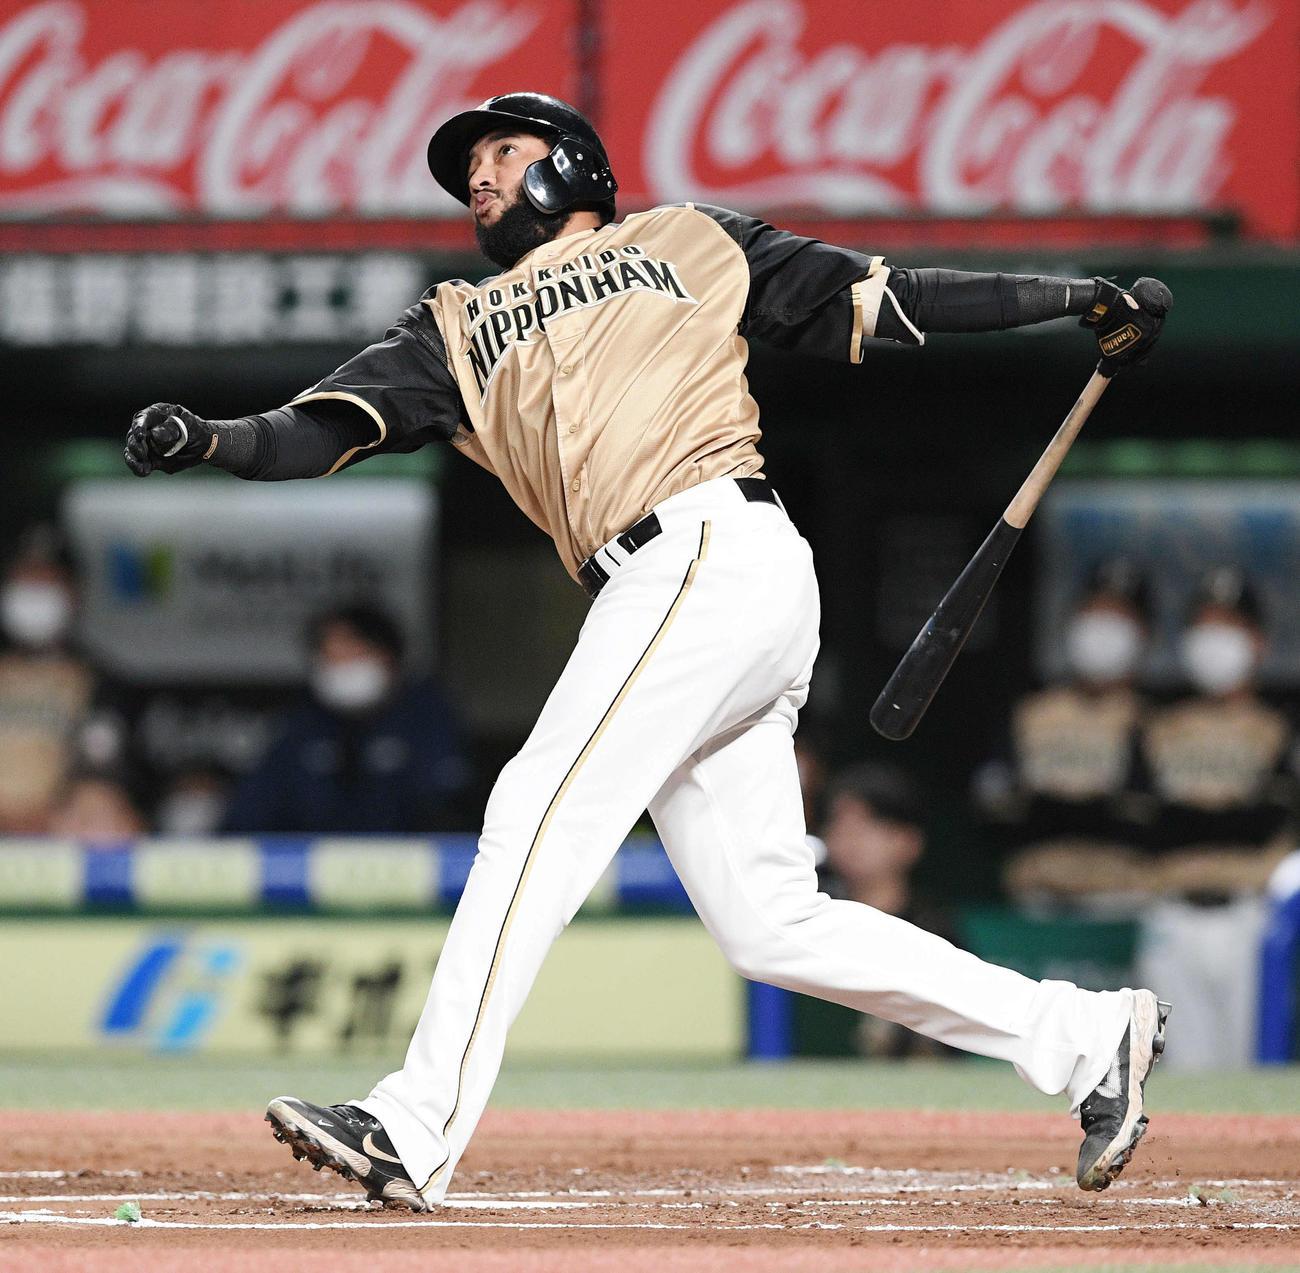 西武対日本ハム 2回表日本ハム2死、R・ロドリゲスは先制の左越えソロ本塁打を放つ(撮影・滝沢徹郎)